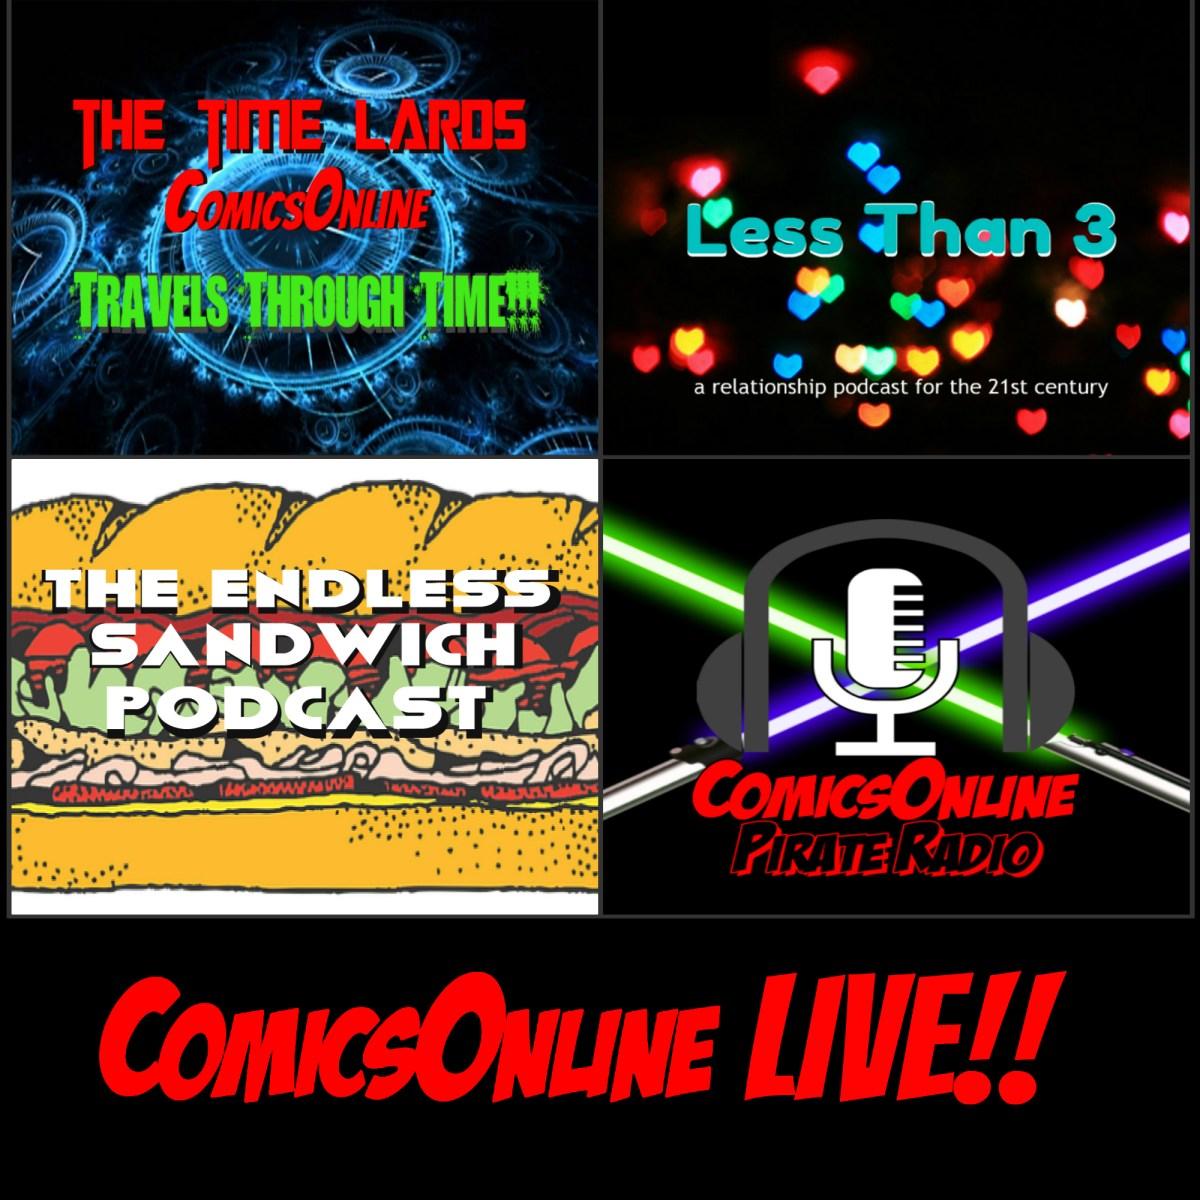 ComicsOnline Podcasts!